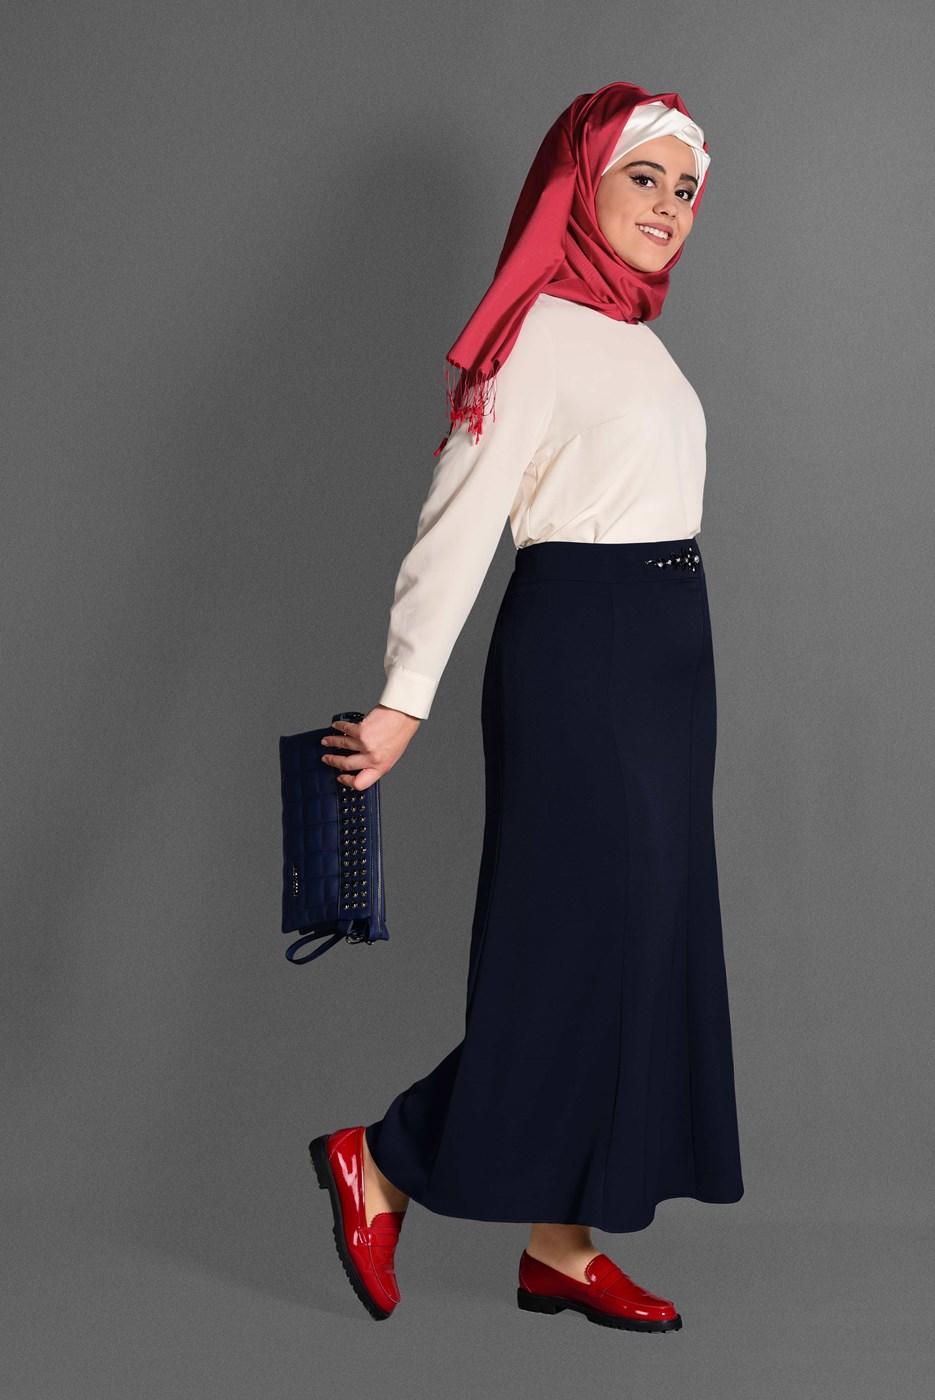 Femelle BLEU MARINE T 6059 Baklava Etek-Alv Fashion